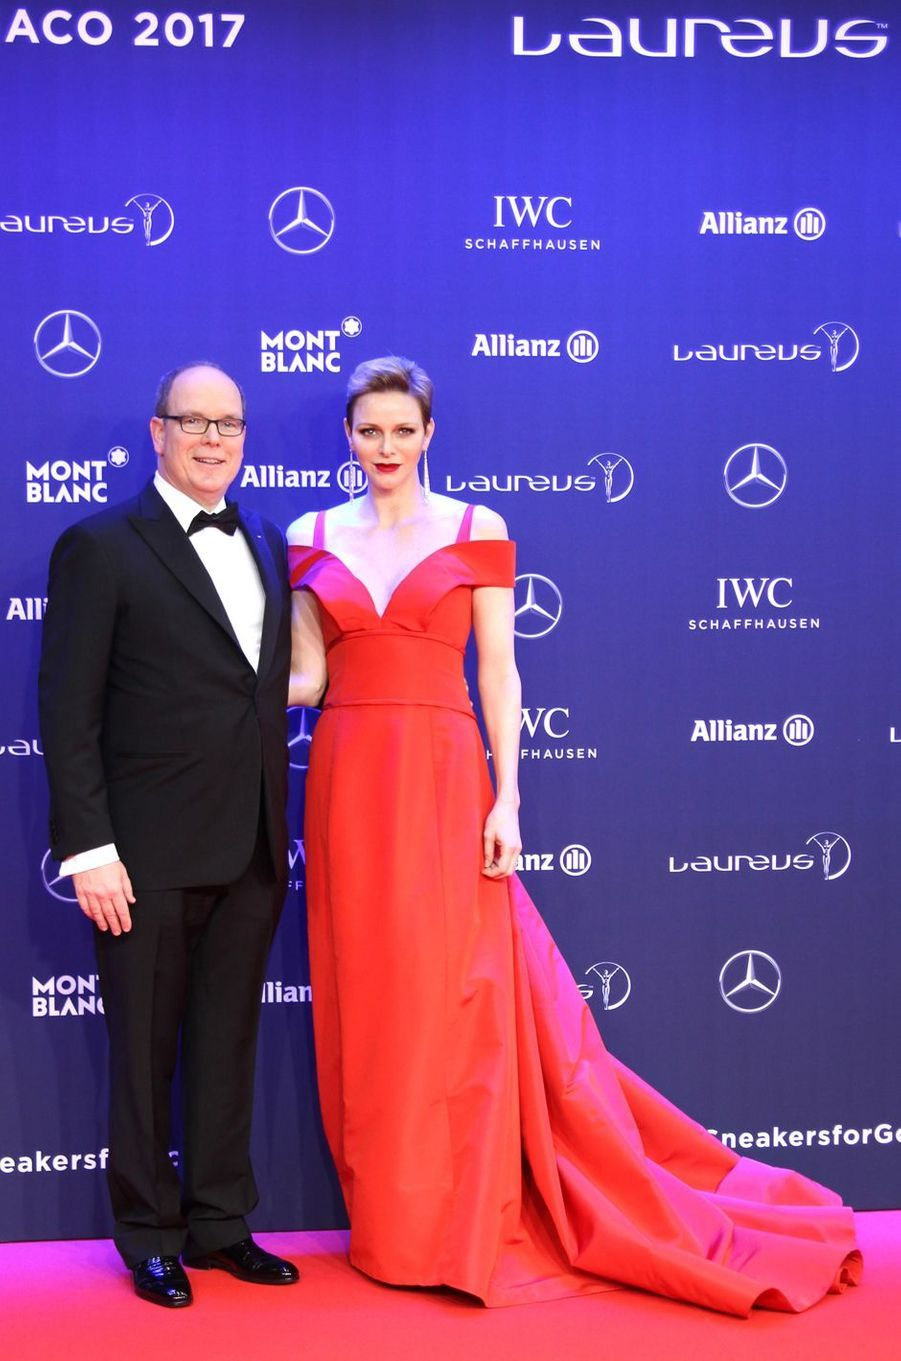 La princesse Charlène de Monaco à la cérémonie des Laureus World Sports Awards à Monaco, le 14 février 2017